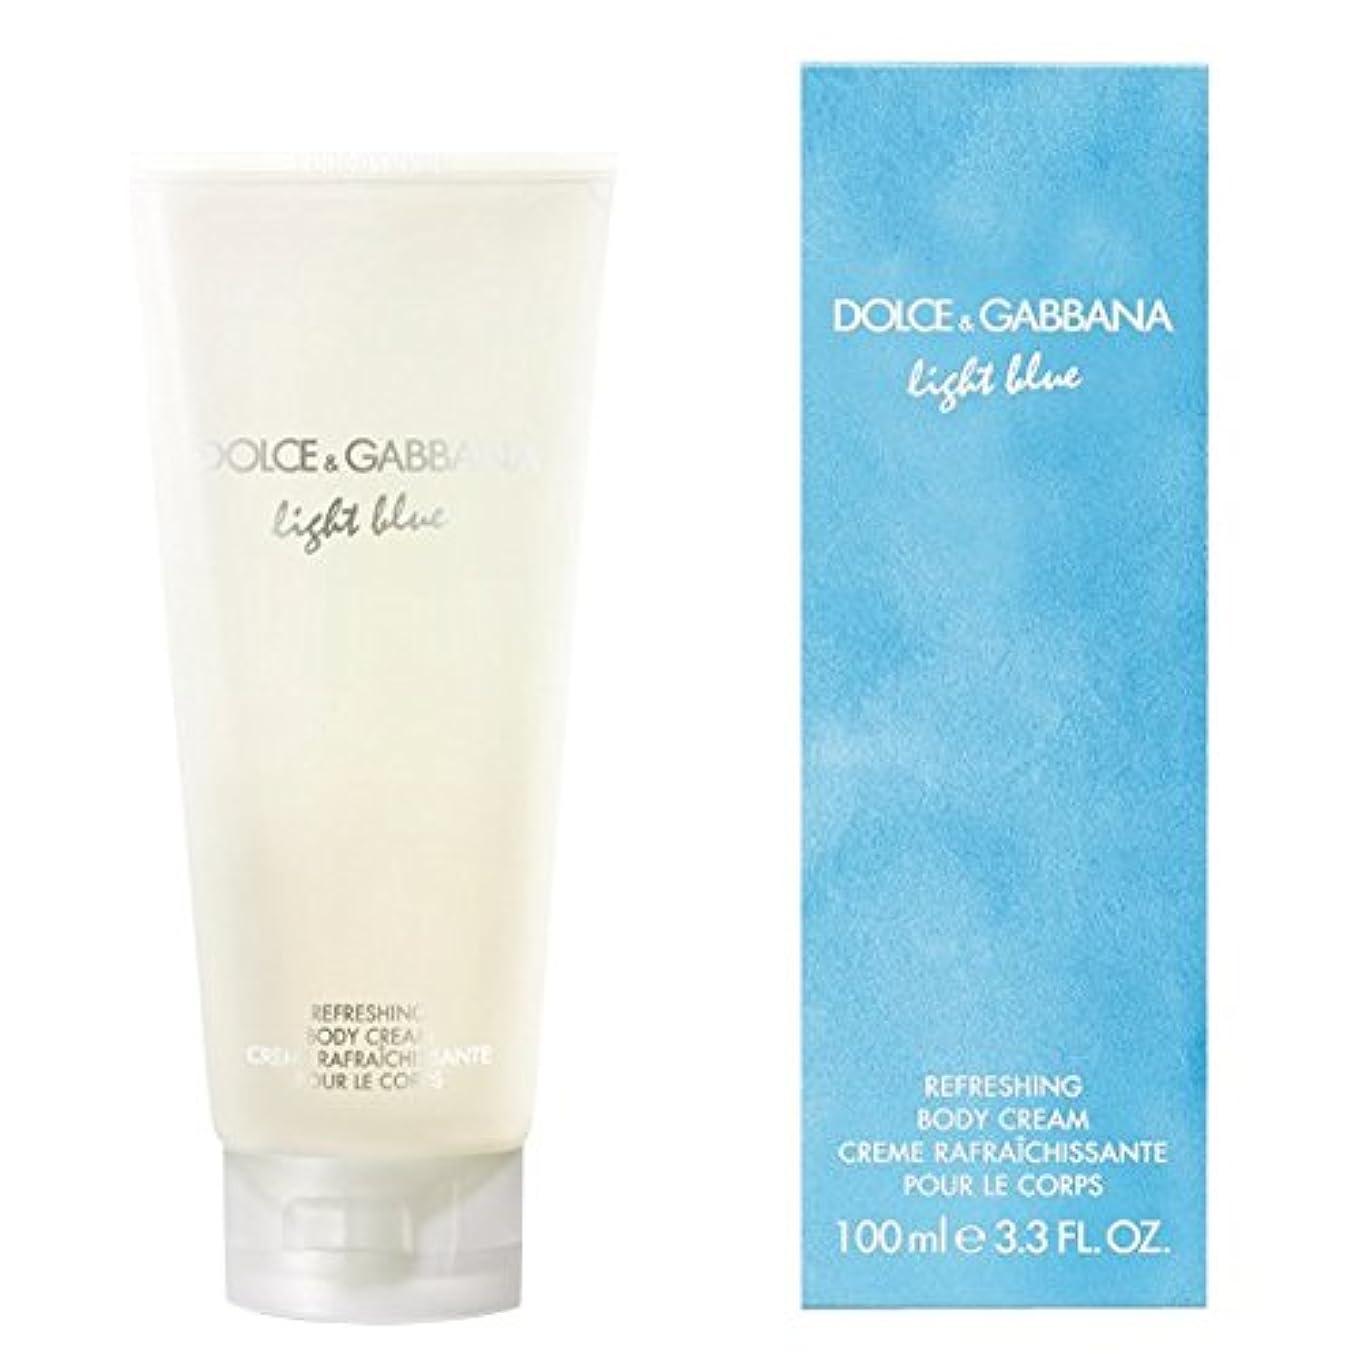 ポップ透けるリークドルチェ&ガッバーナライトブルーの爽やかなボディクリーム200ミリリットル (Dolce & Gabbana) (x2) - Dolce & Gabbana Light Blue Refreshing Body Cream...